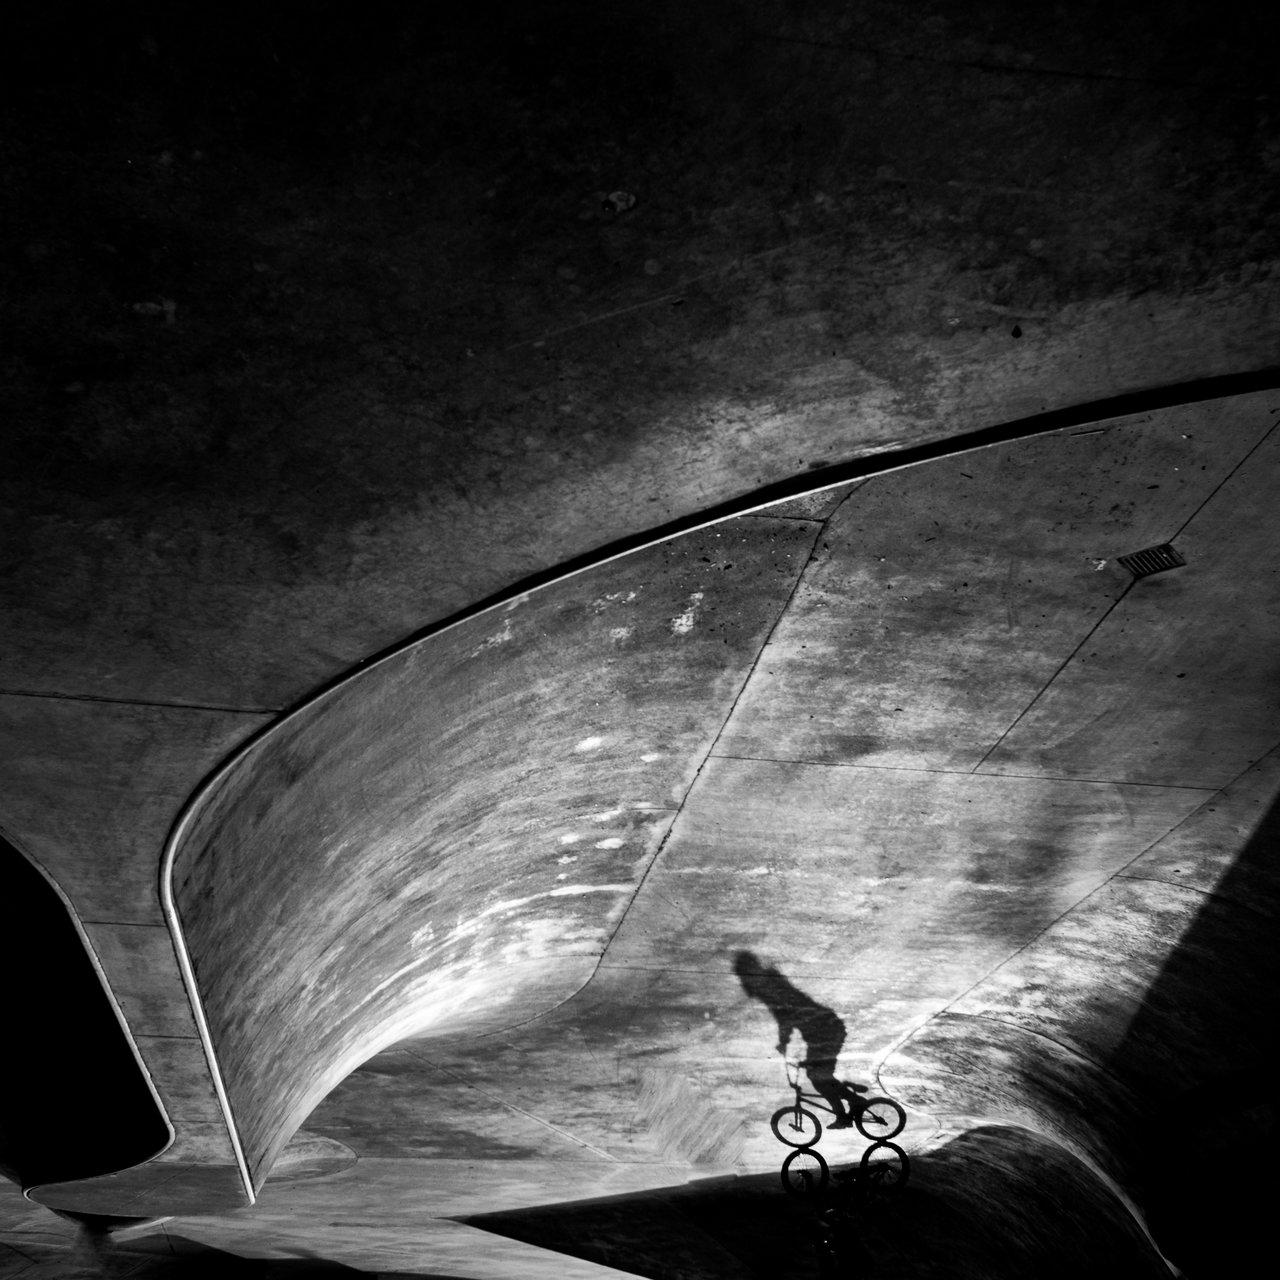 Паралелни контури... | Author Stanil Lazarov - Standil | PHOTO FORUM